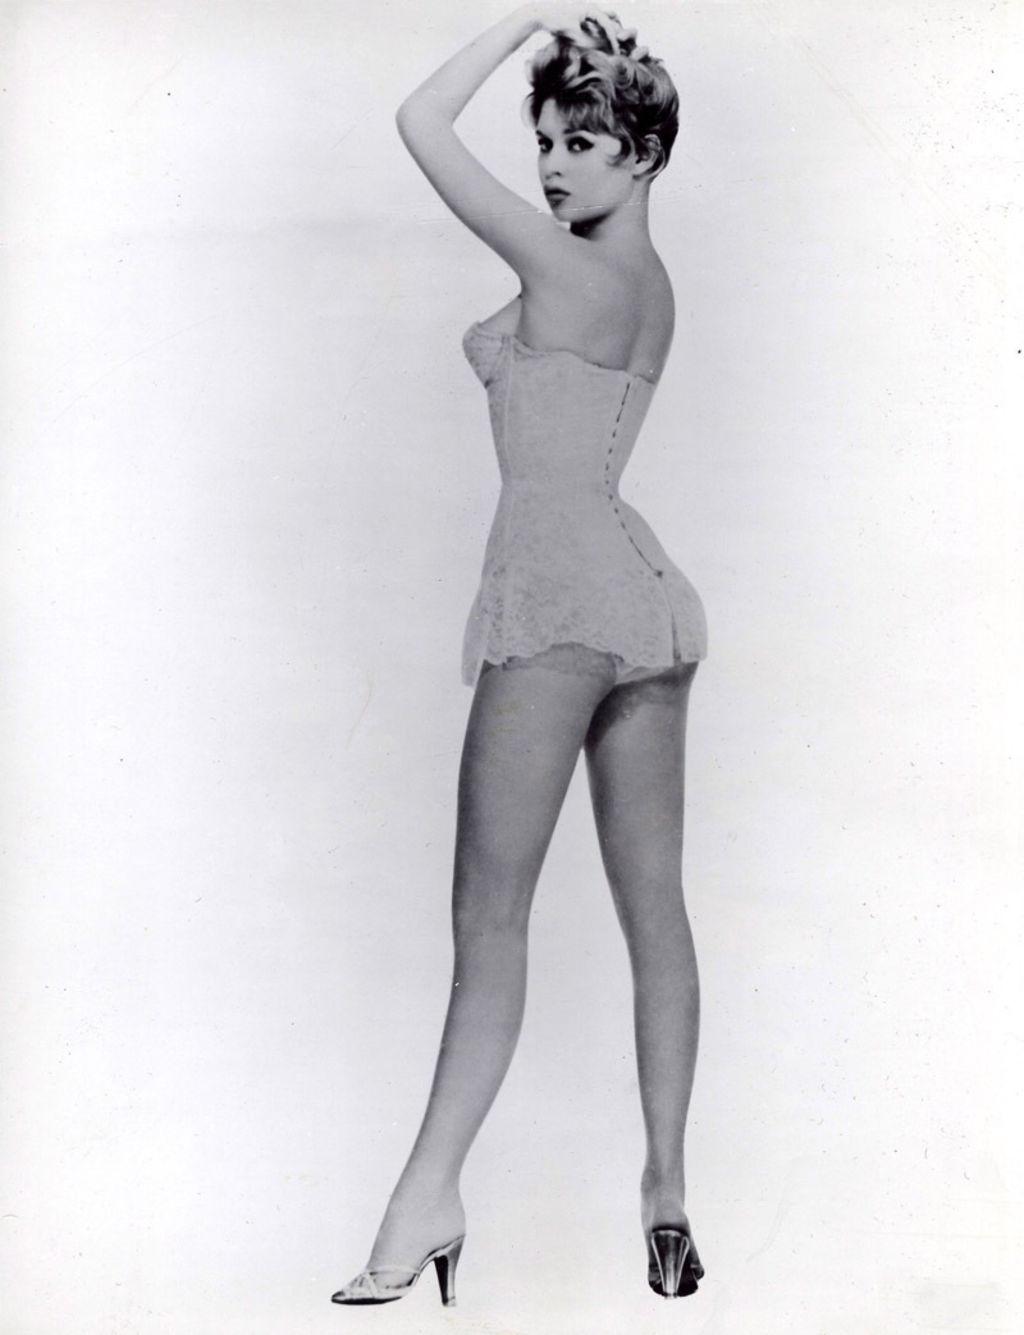 Brigitte-bardot-embleme-de-l-emancipation-des-femmes_width1024